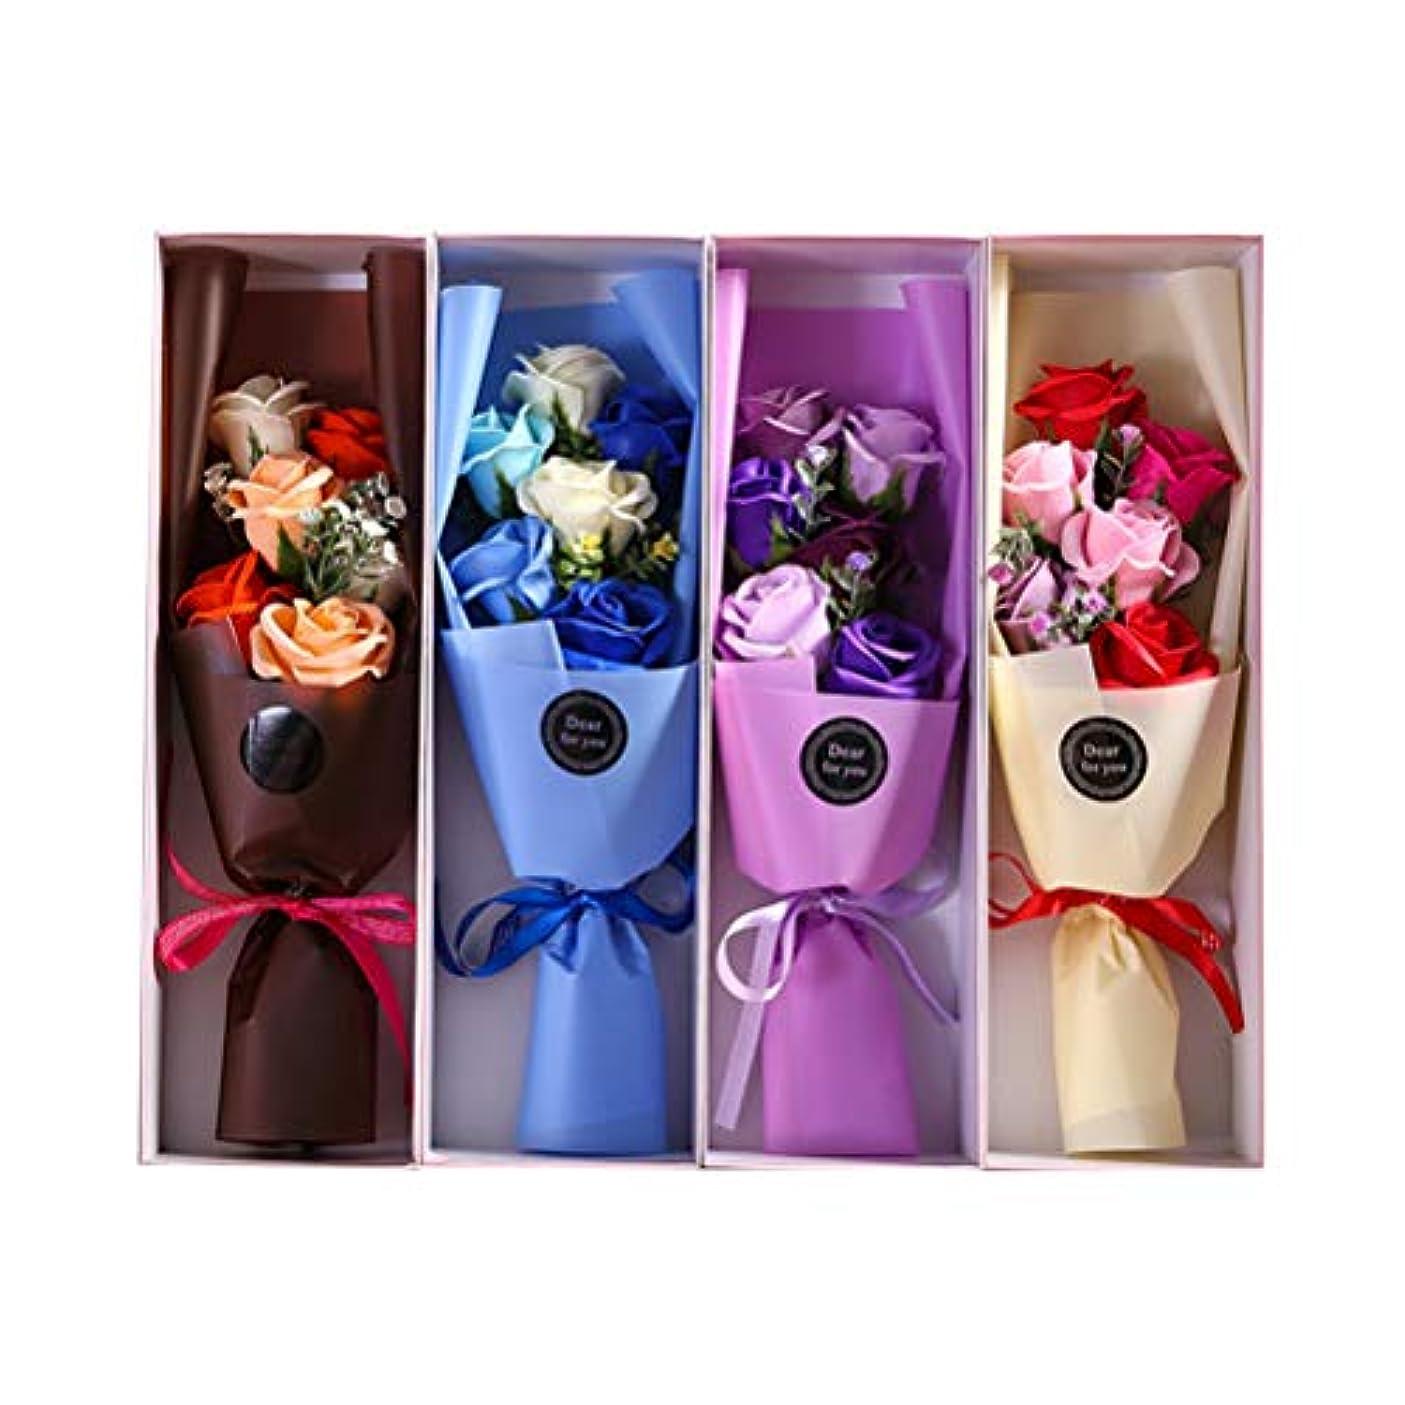 繰り返す輪郭動BESTOYARD 6PCS石鹸の花びら人工石鹸の花のバラのギフトボックスカップルバレンタインデーのプレゼント(ランダムカラー)